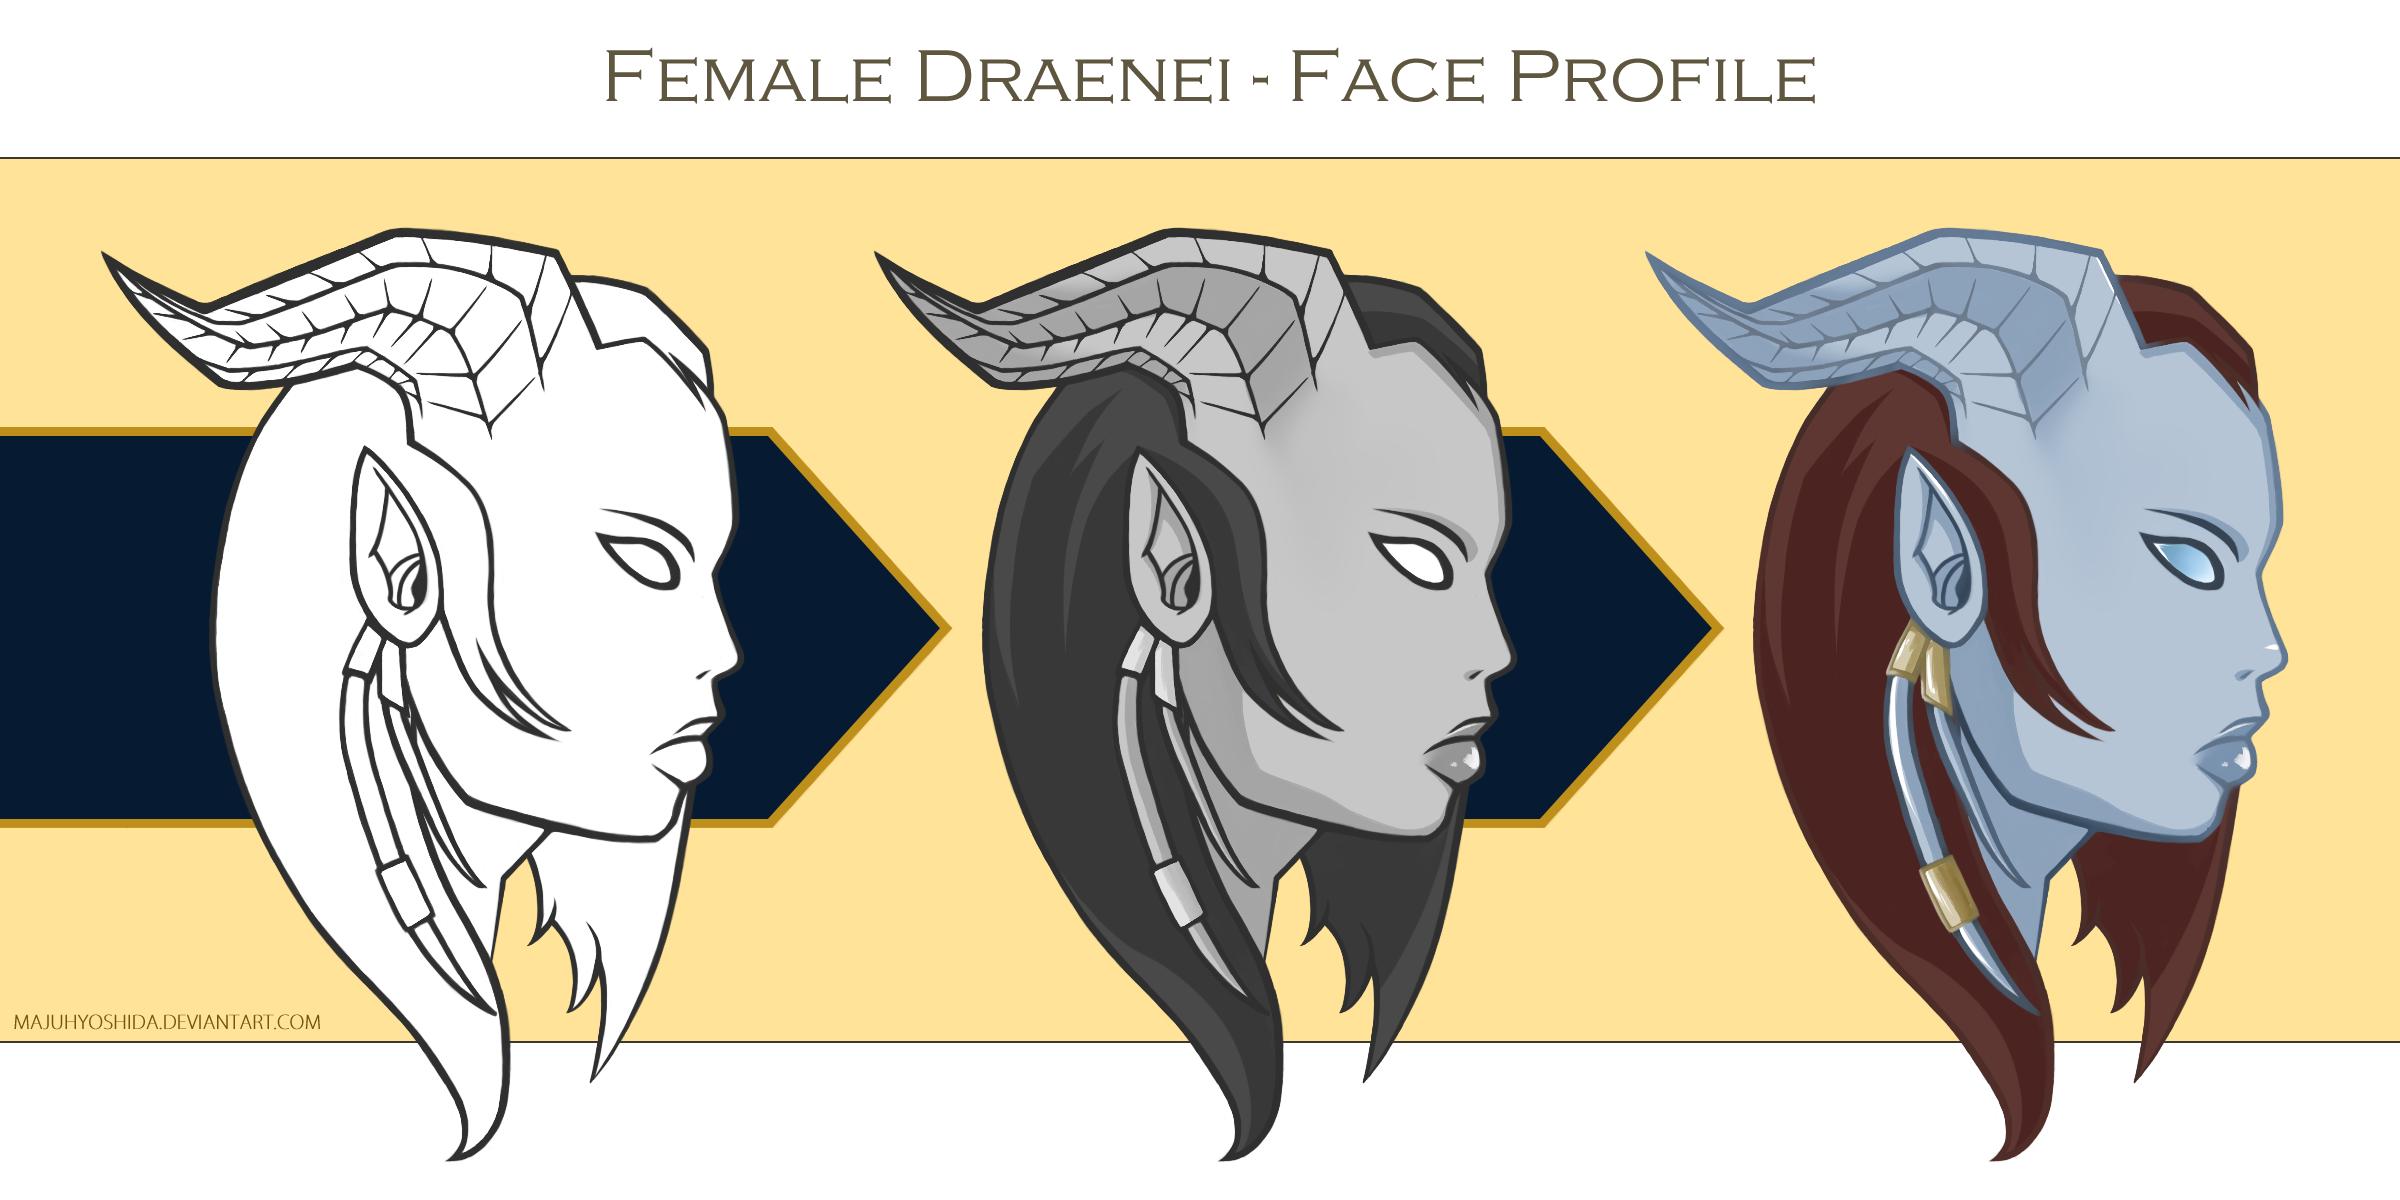 Female Draenei - Face Profile